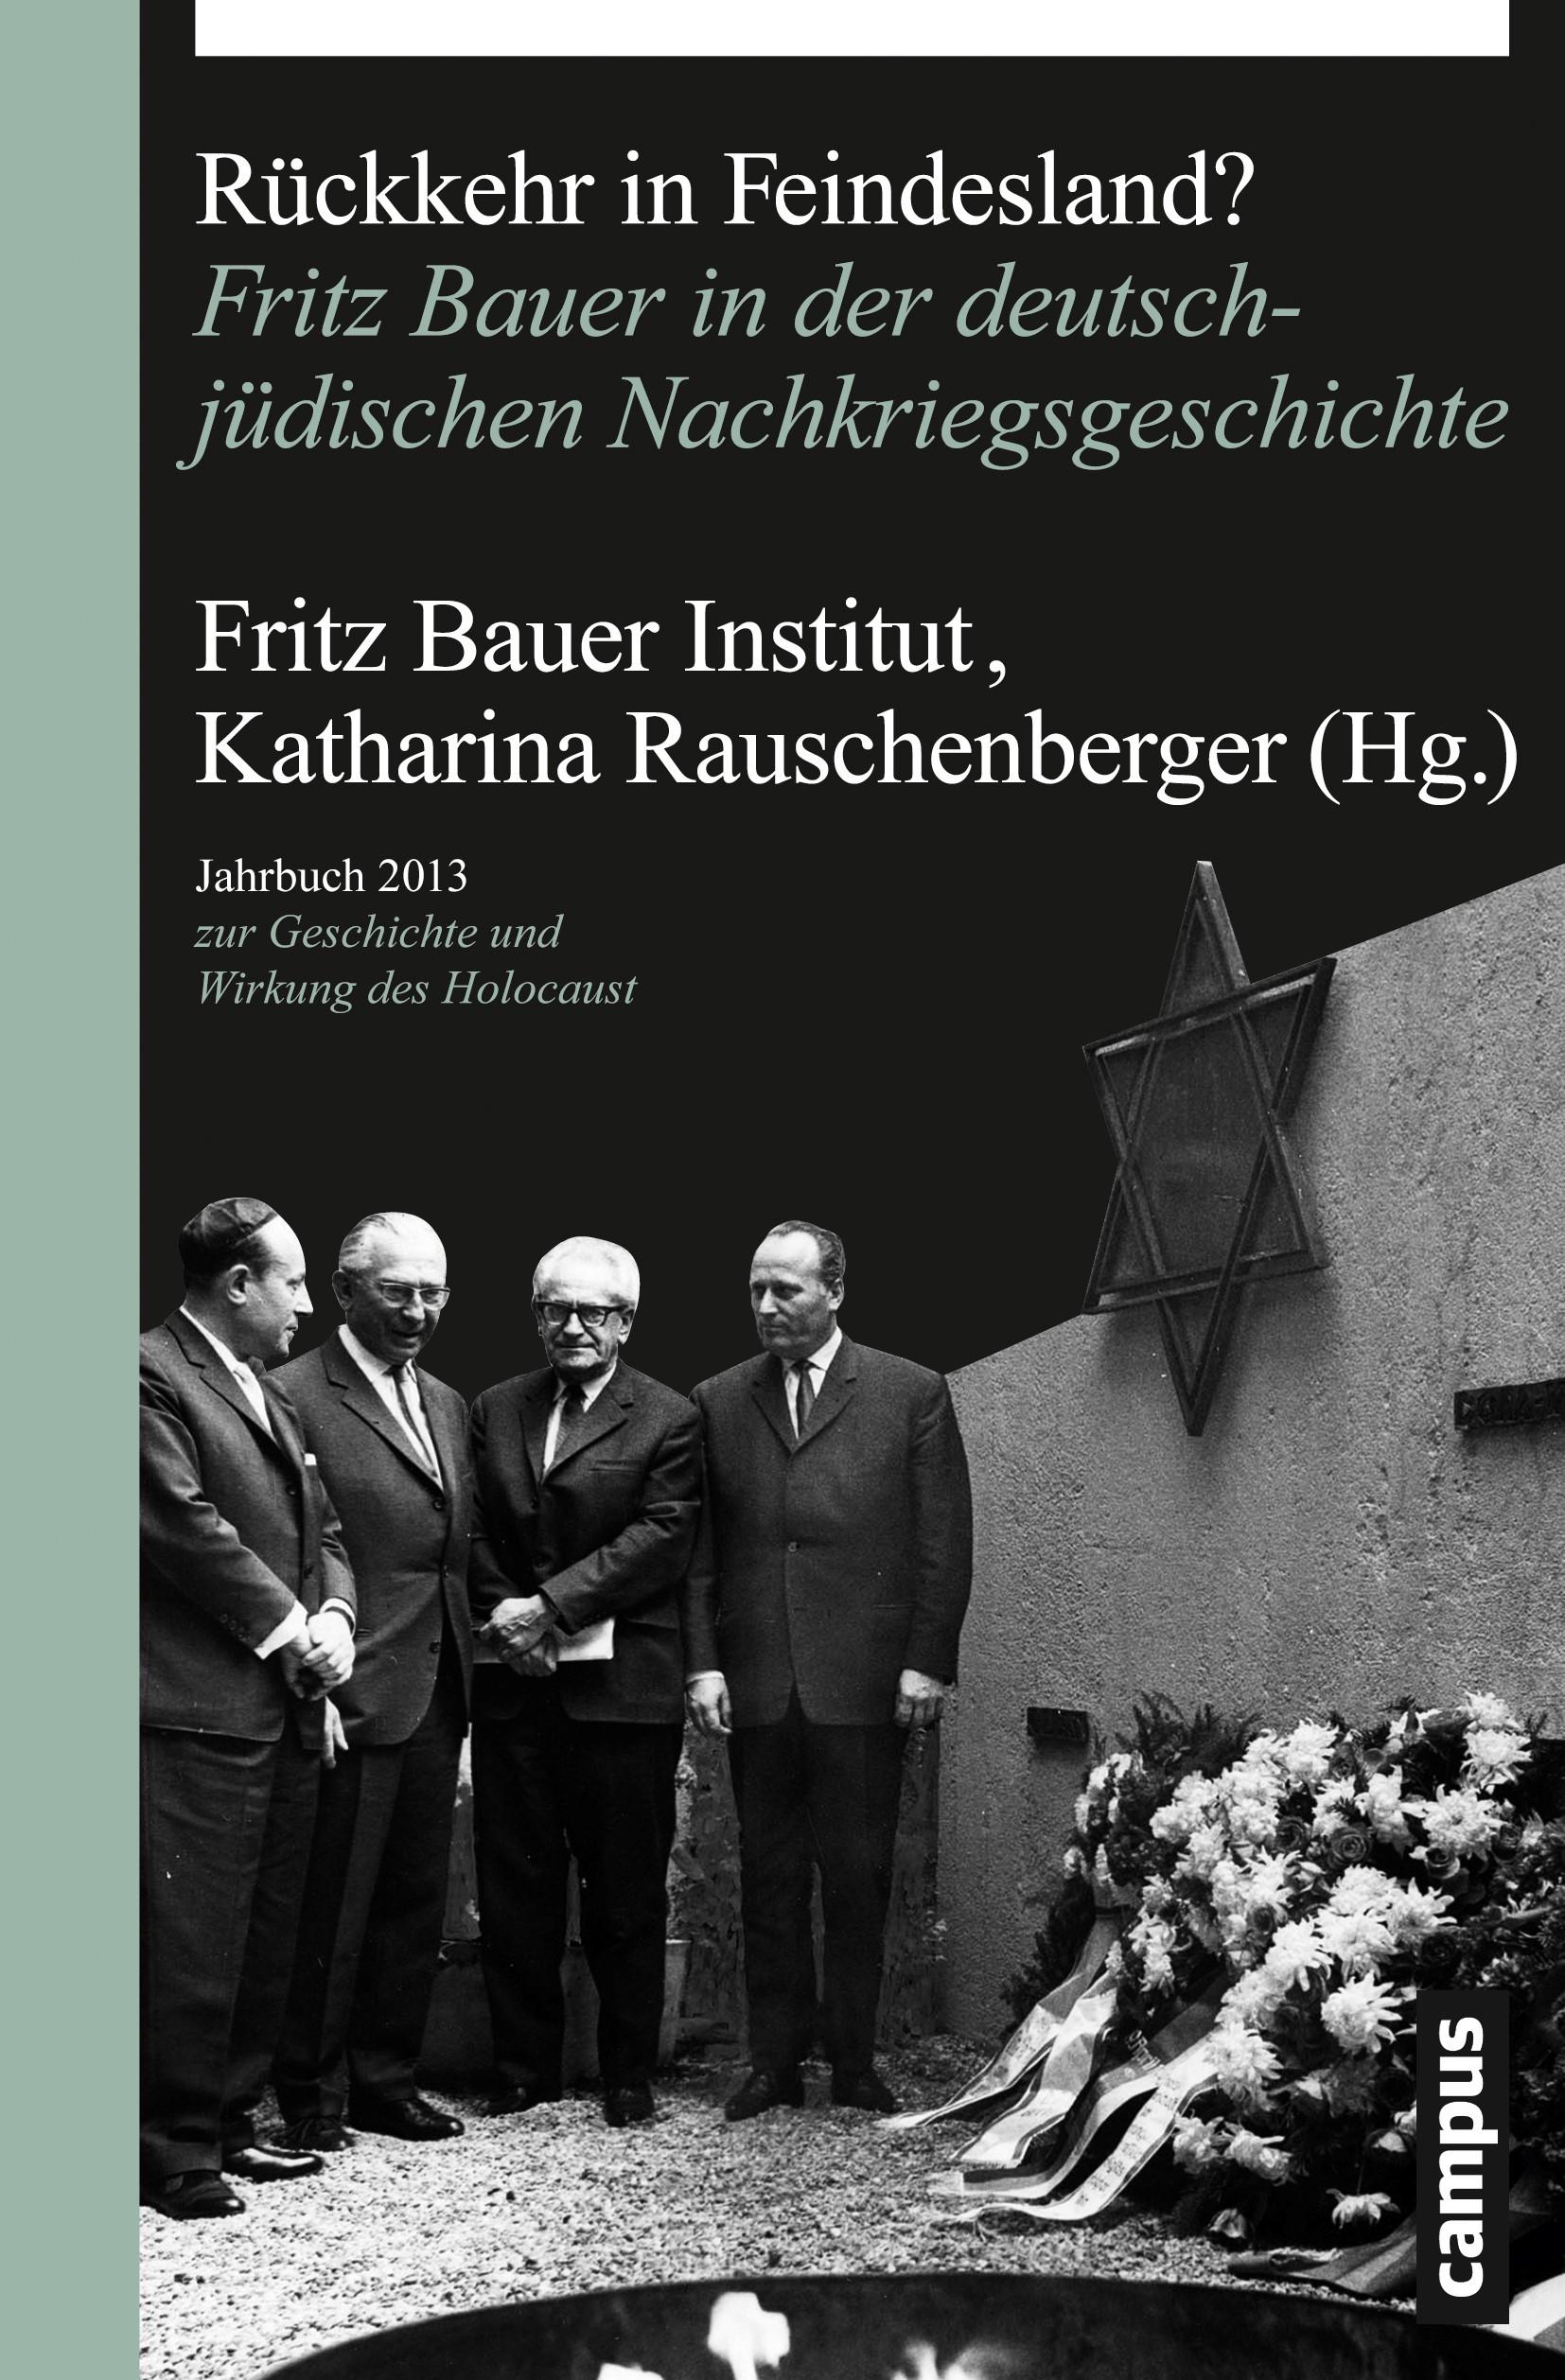 Rückkehr in Feindesland? | Fritz Bauer Institut / Rauschenberger, 2013 | Buch (Cover)